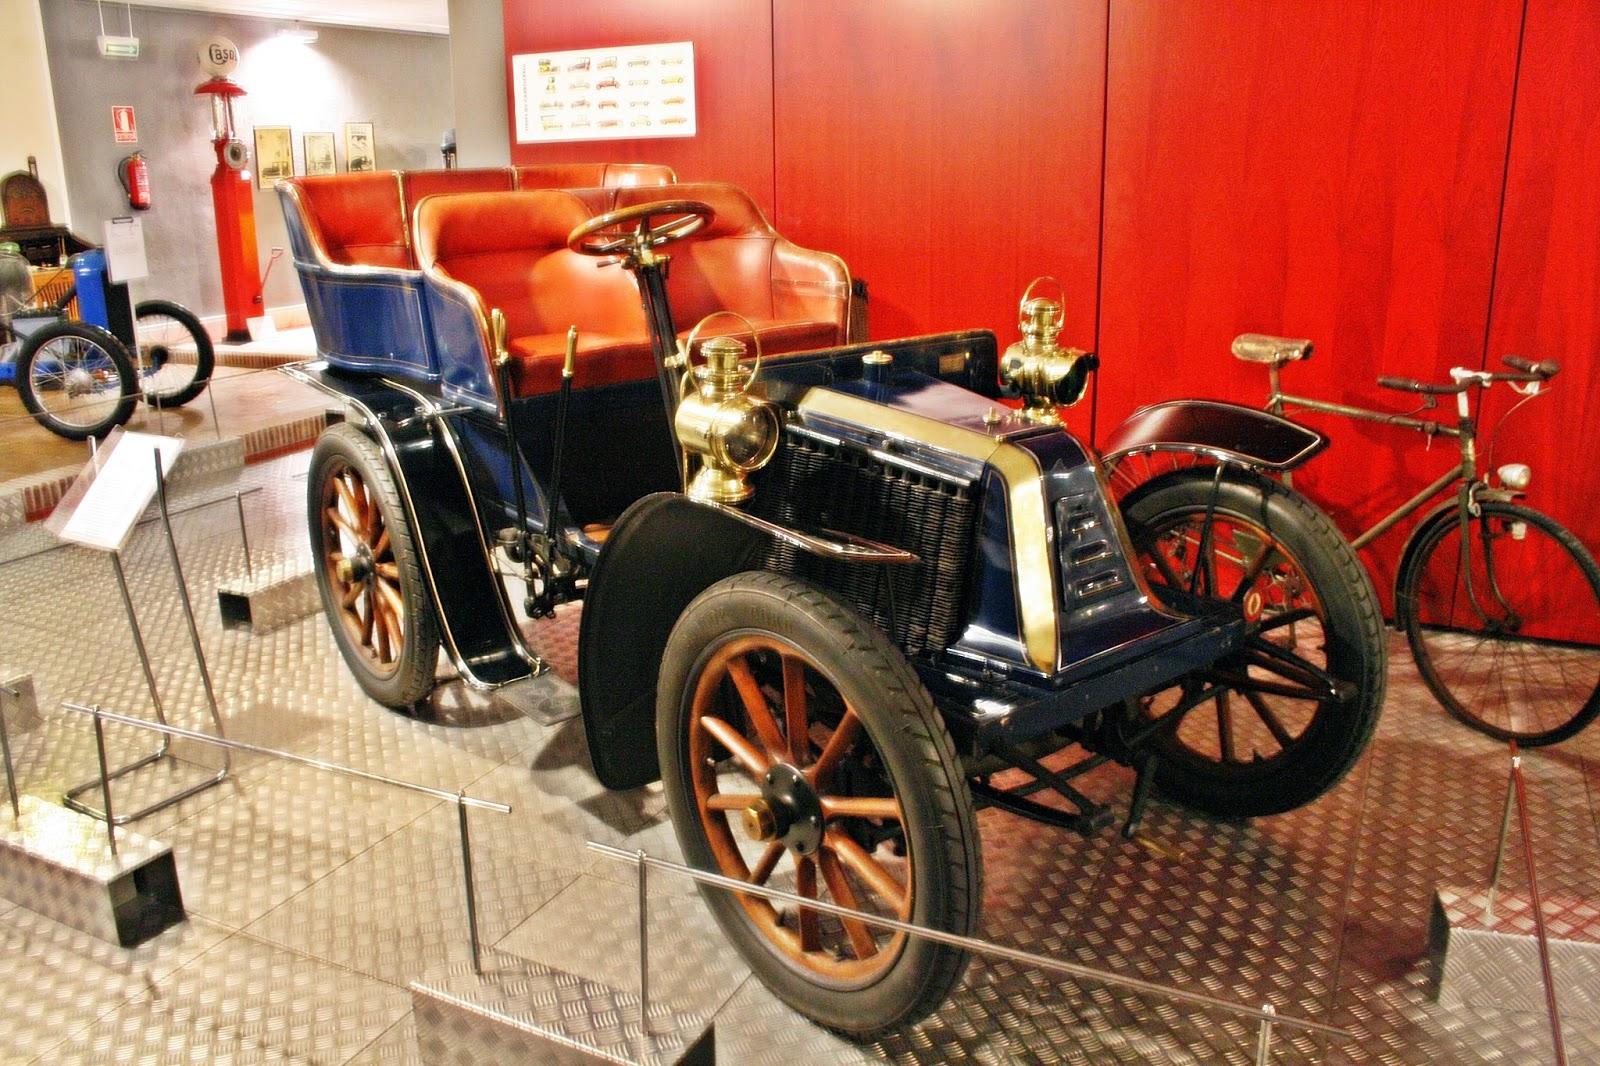 Tal d a como hoy en madrid 13 marzo 1902 se matricula - Matricula coche hoy ...